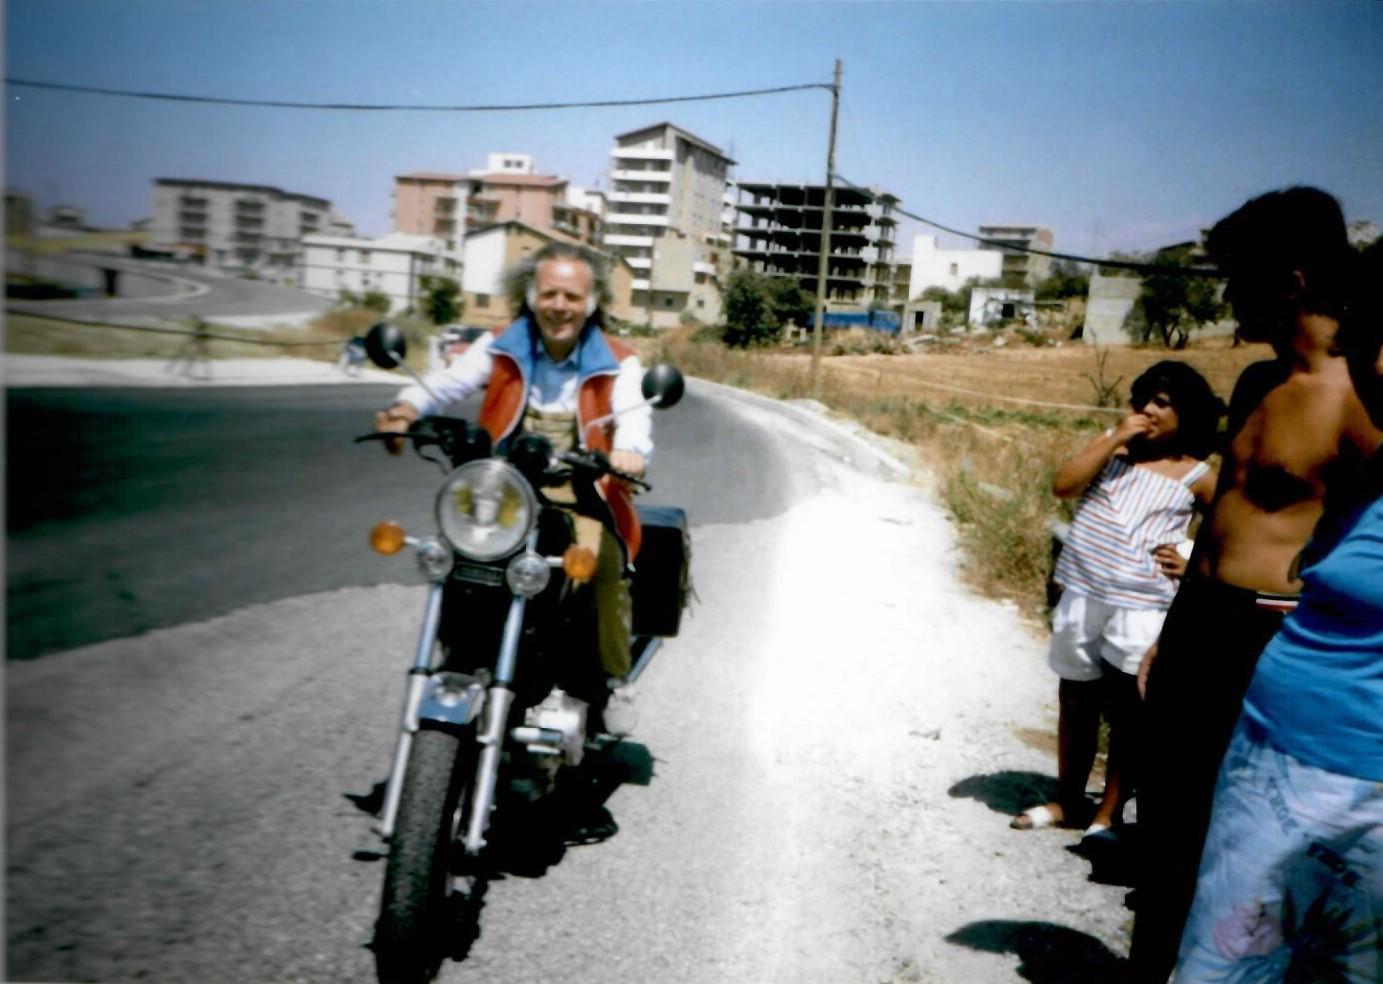 Addio al pioniere del Motoraduno Cittá di Rovereto